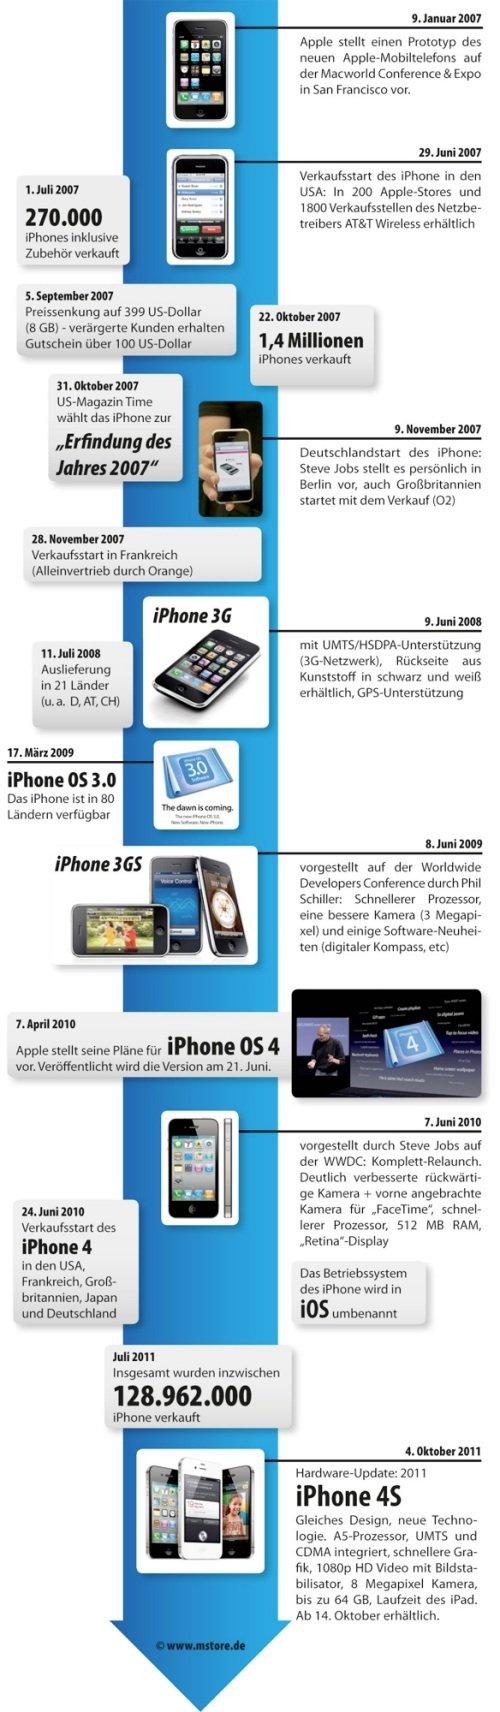 Die Geschichte des iPhones - Infografik